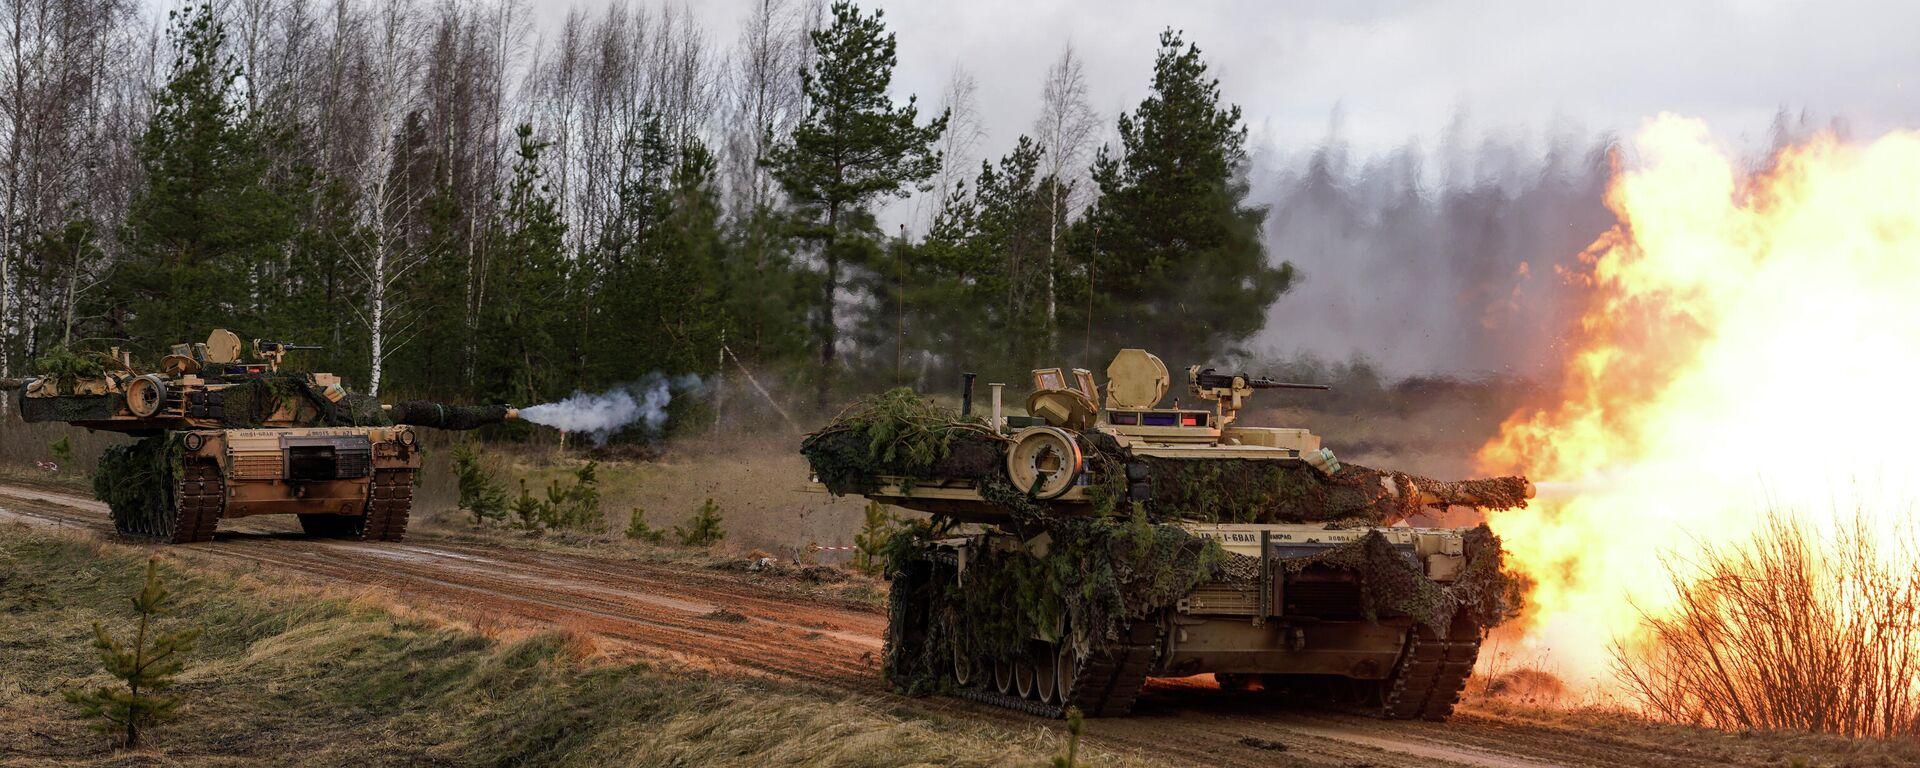 Tanki M1 Abrams militārajās mācībās Summer Shield XIV Latvijā - Sputnik Latvija, 1920, 29.07.2021